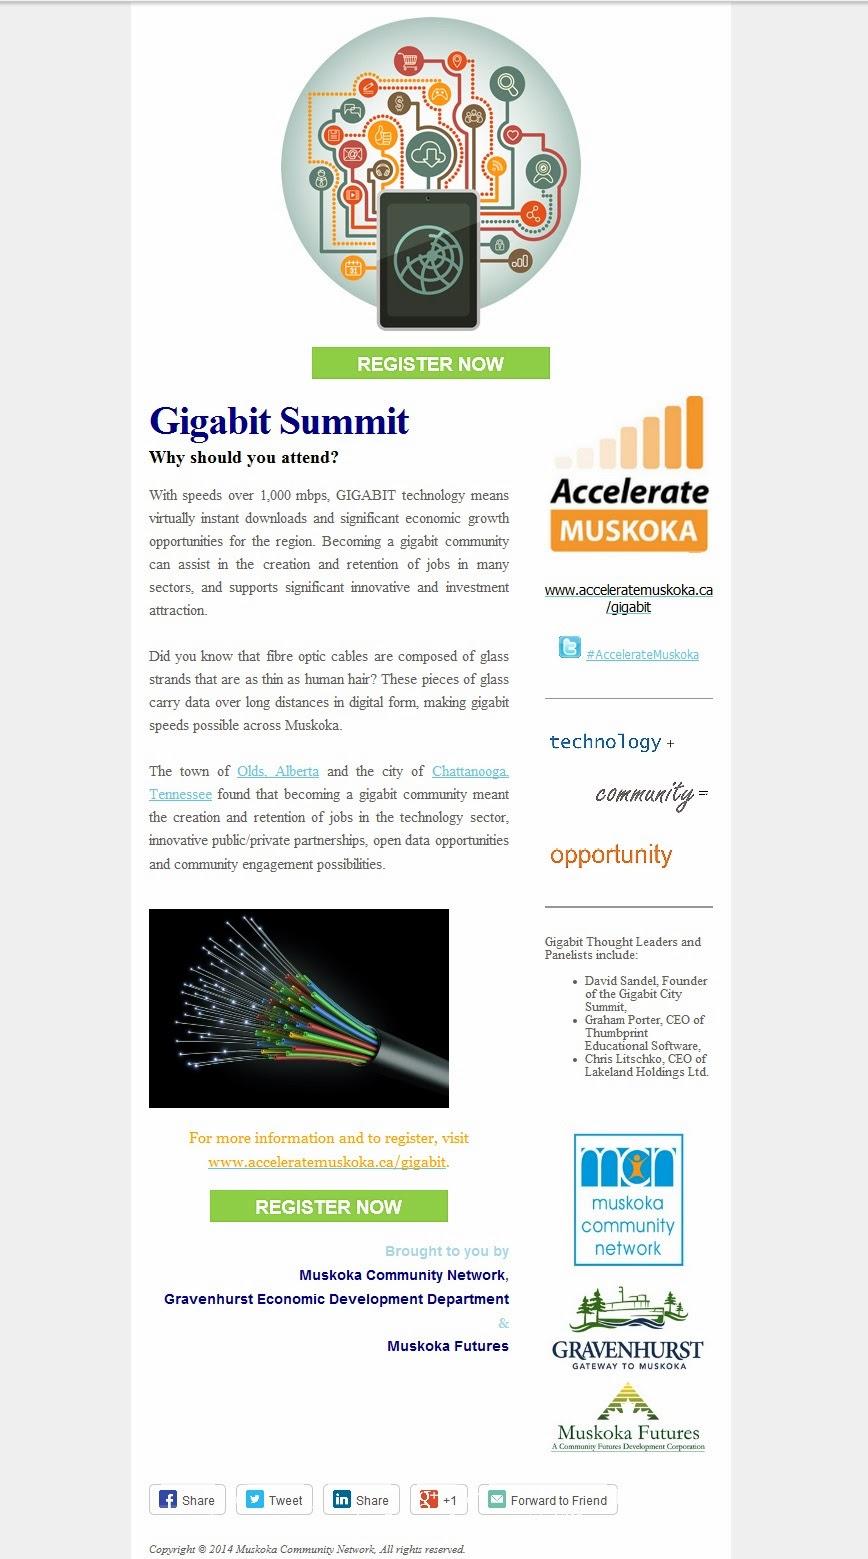 http://www.acceleratemuskoka.ca/gigabit